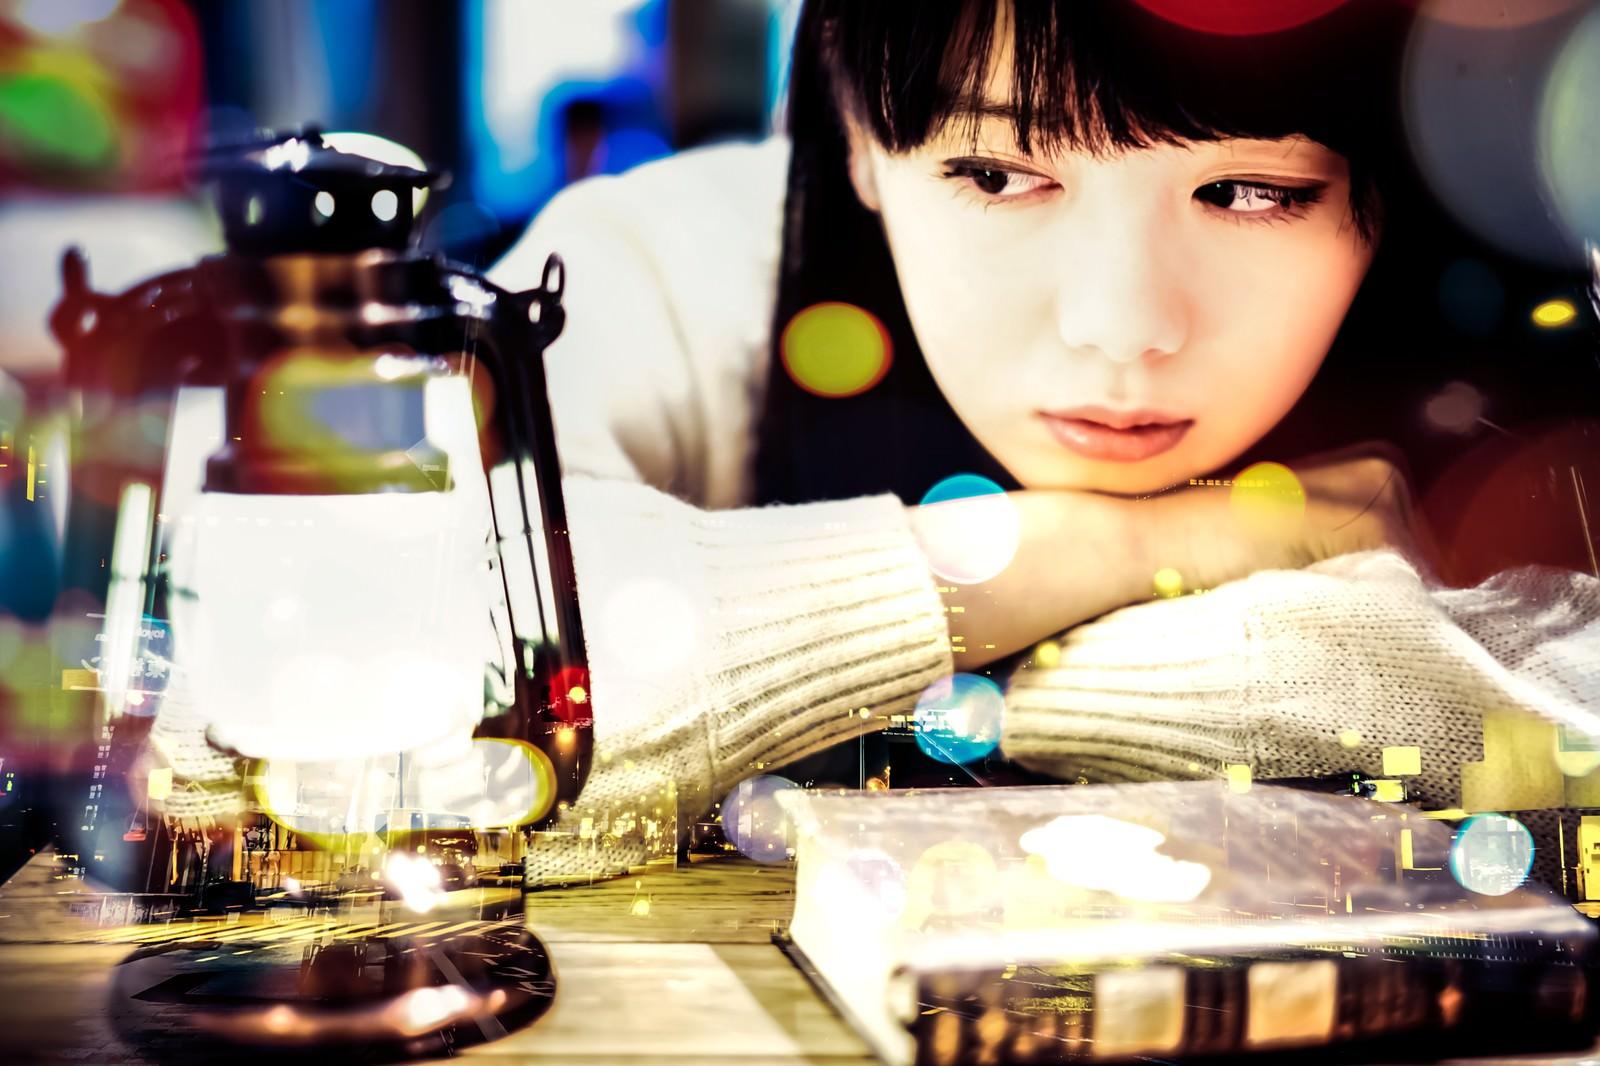 「ランタンを見つめる文学美女(フォトモンタージュ)」の写真[モデル:白鳥片栗粉]